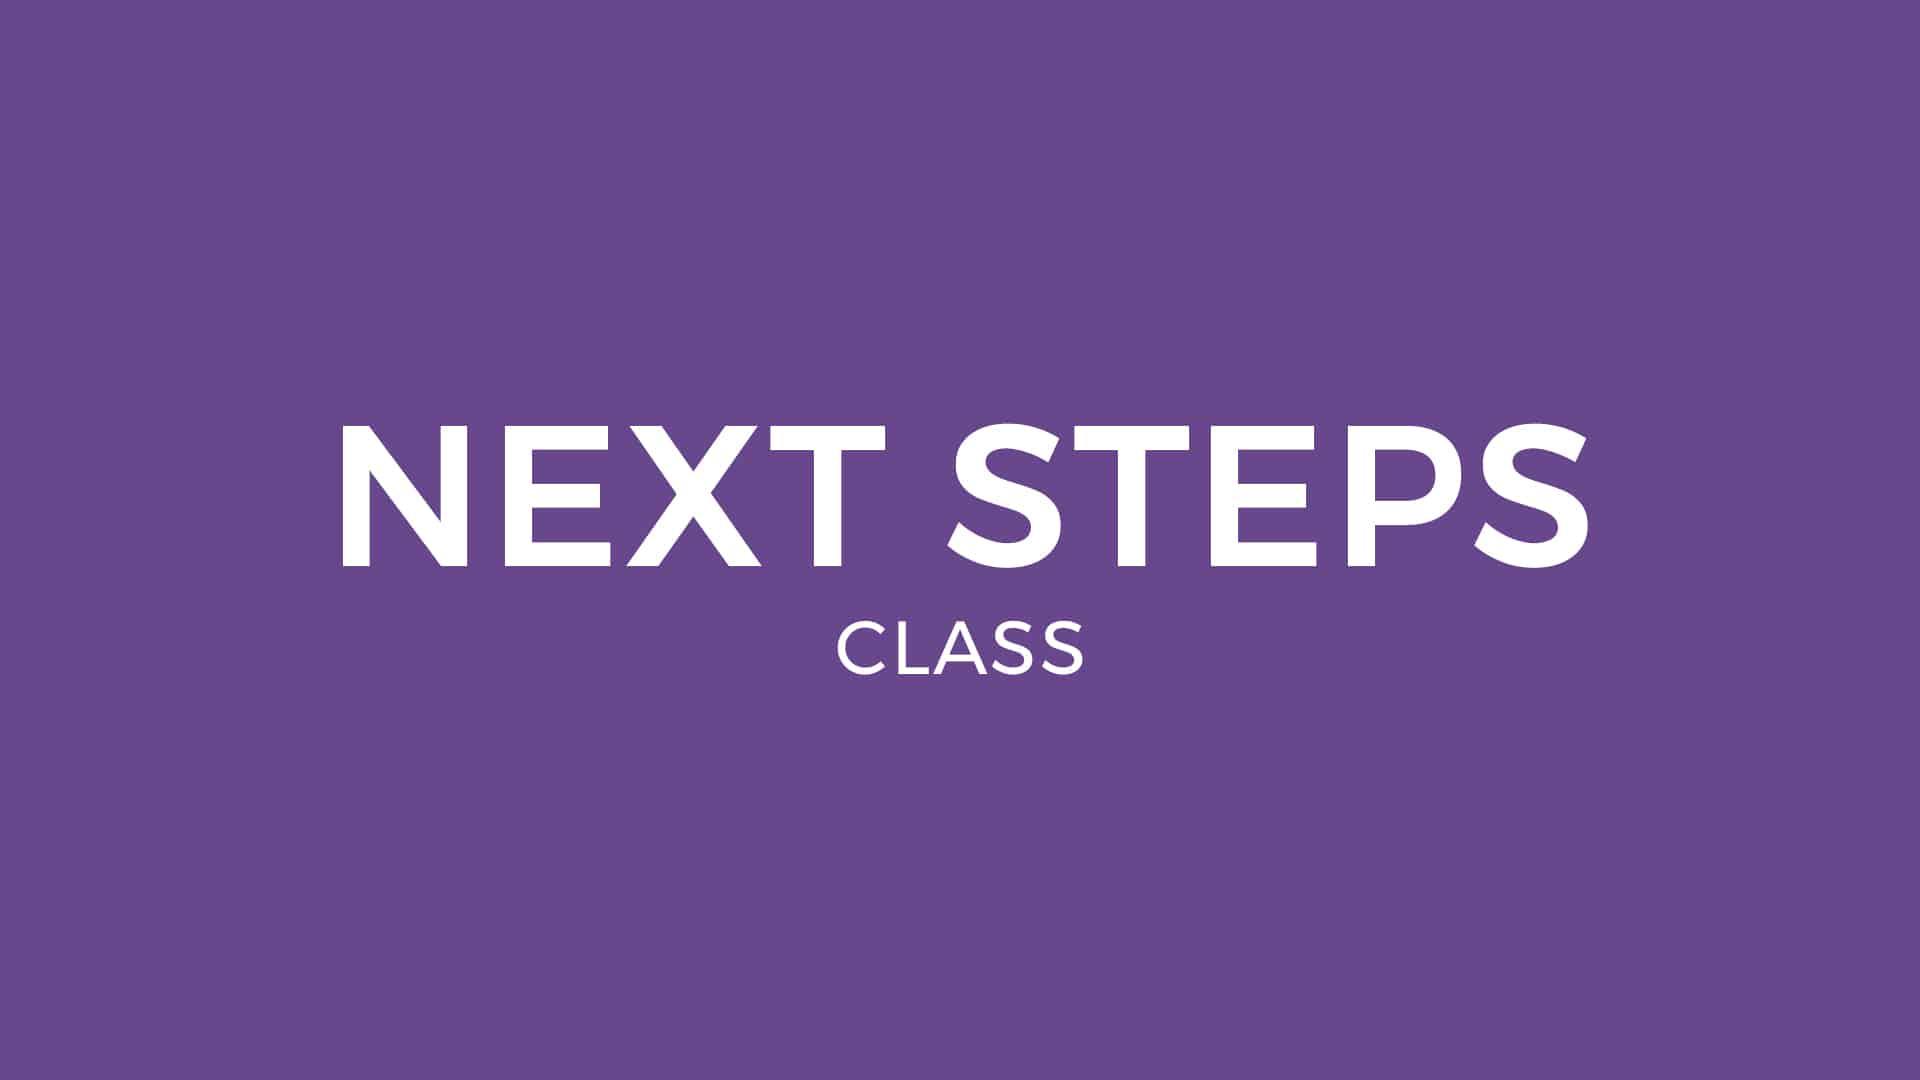 nextsteps-class